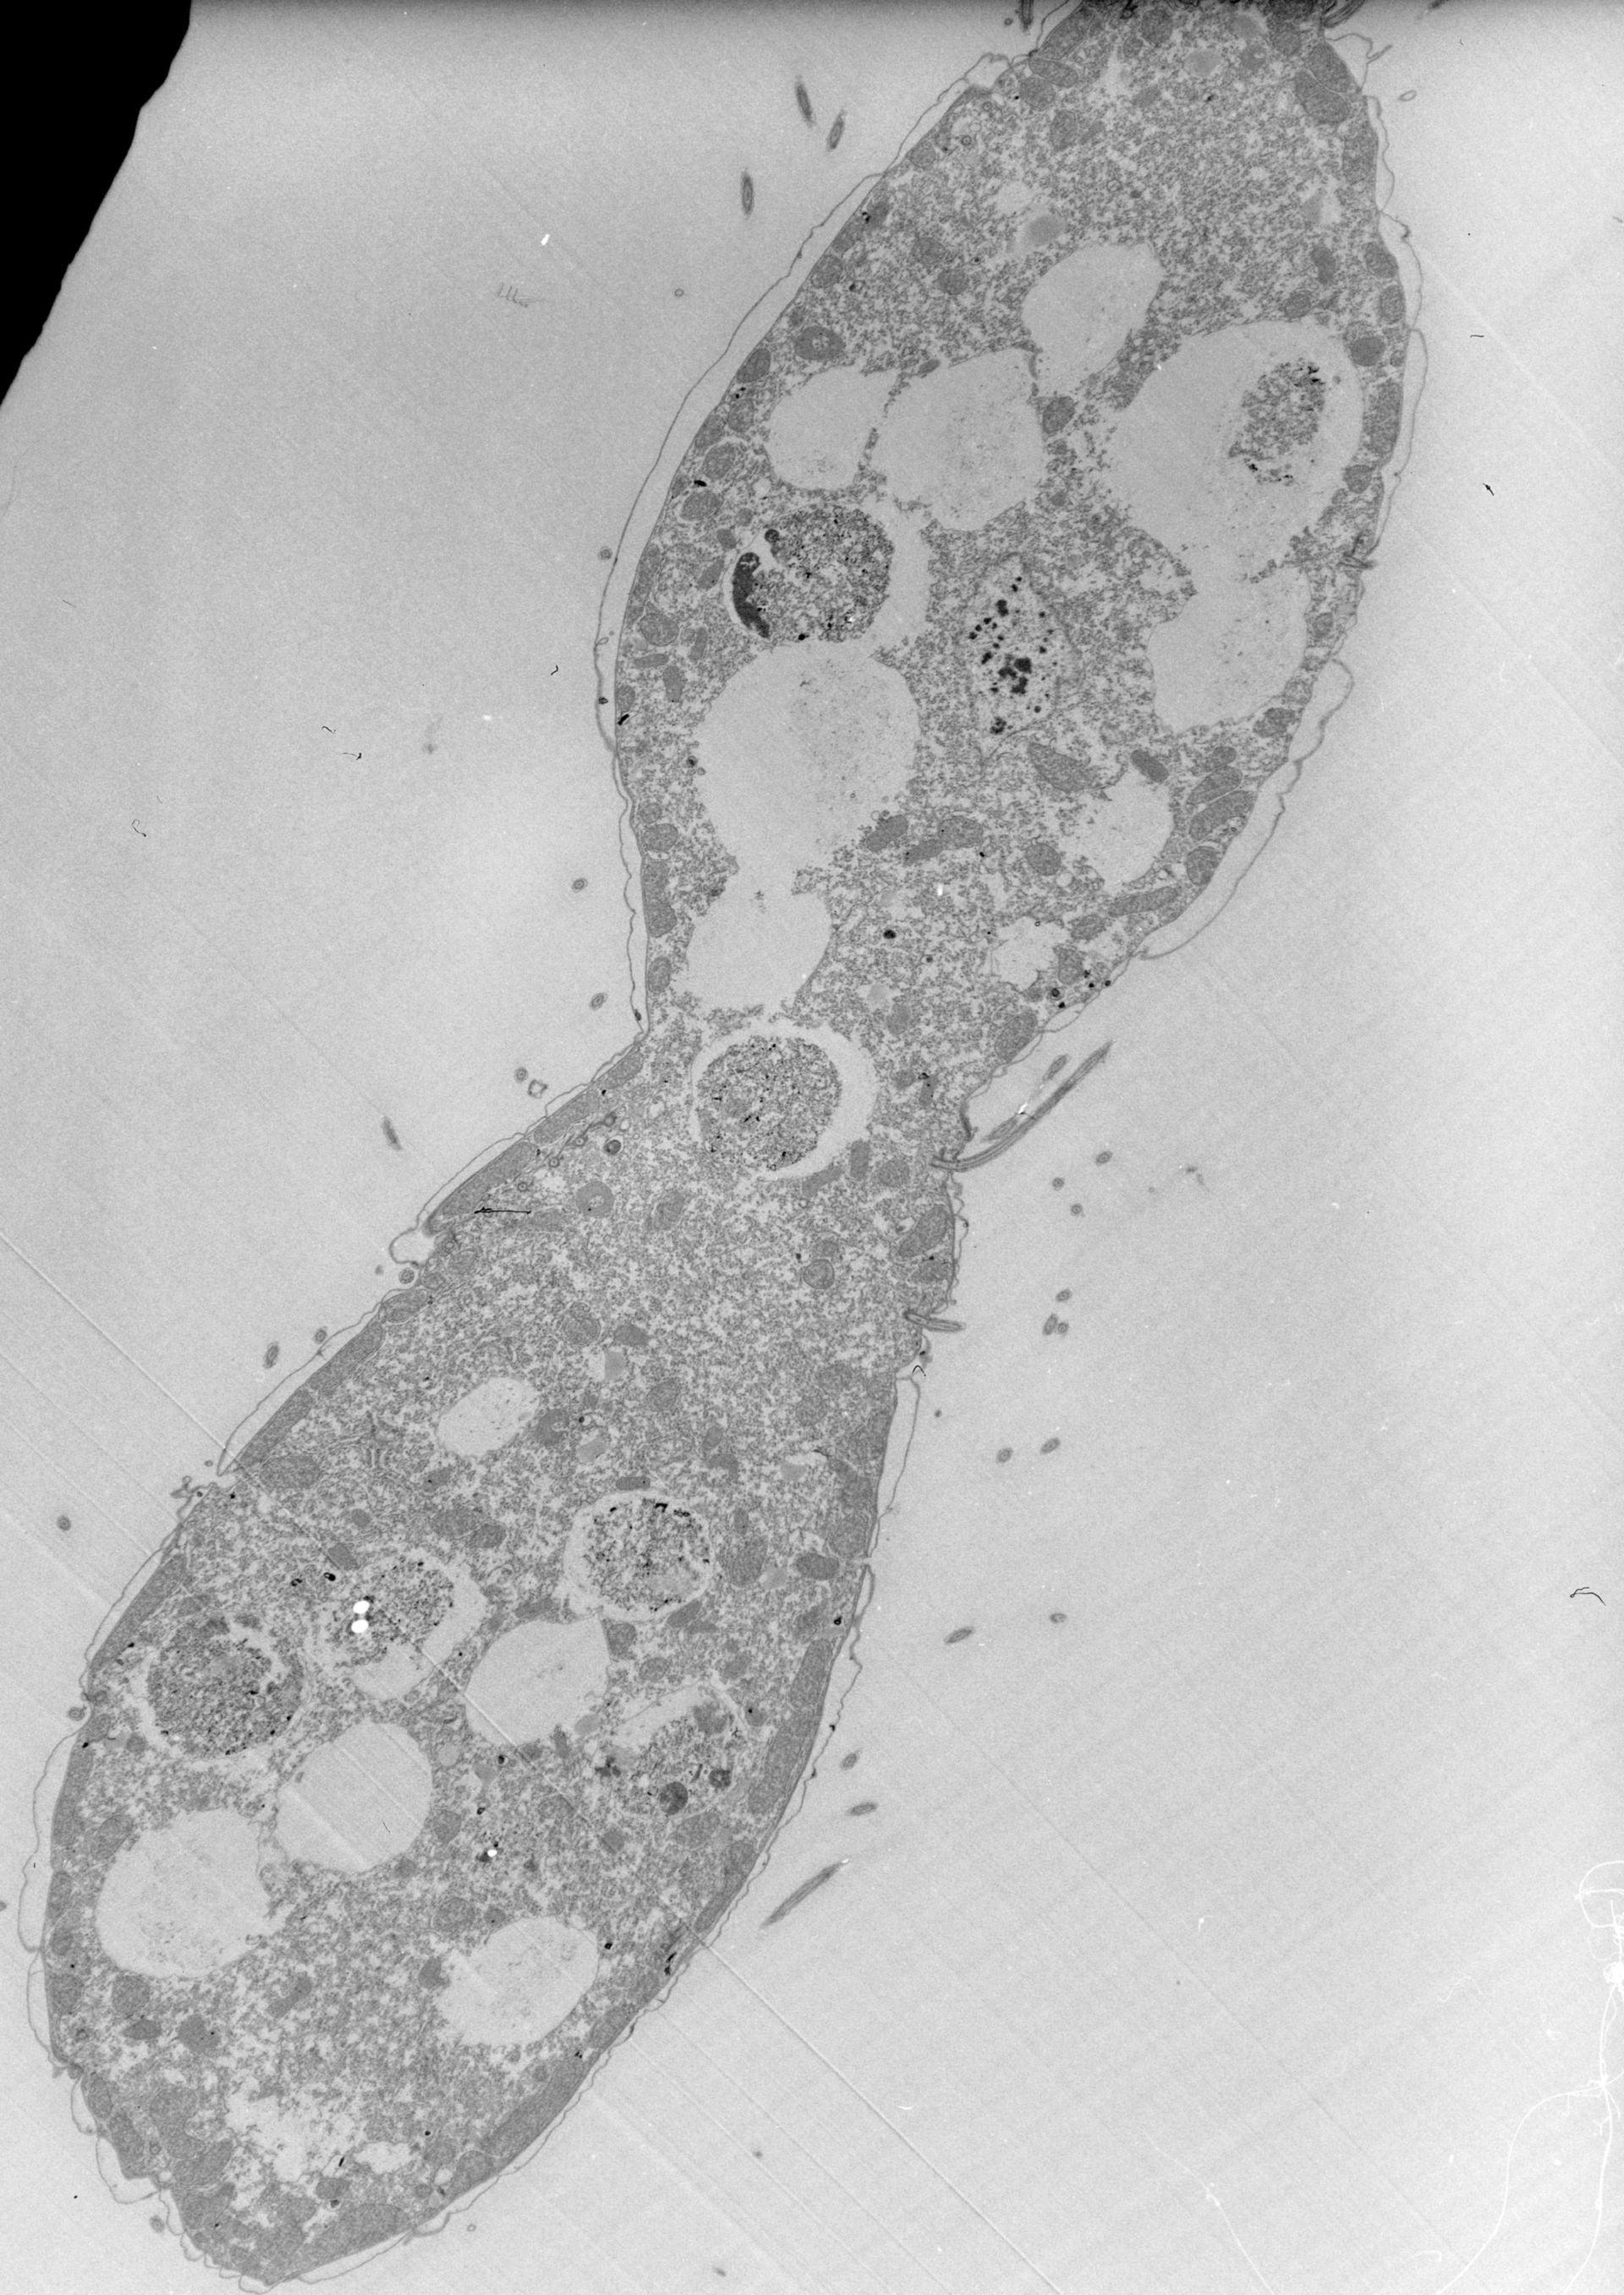 Tetrahymena pyriformis (Cellula) - CIL:39801